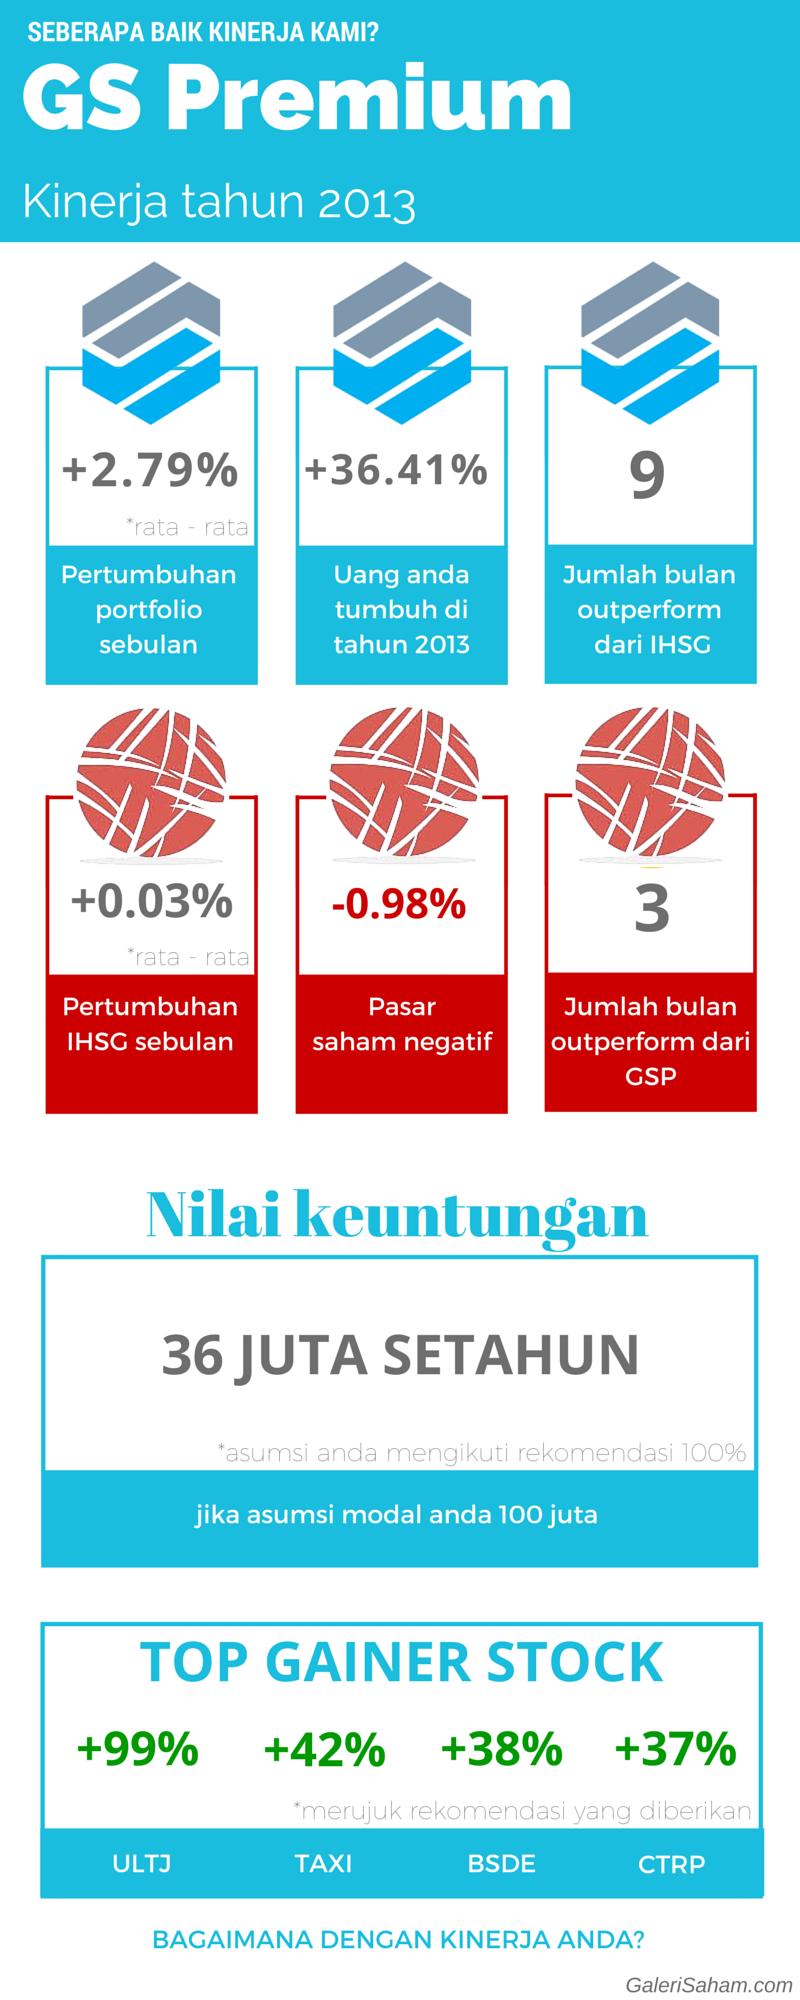 (selesai) Kinerja GS Premium 2013